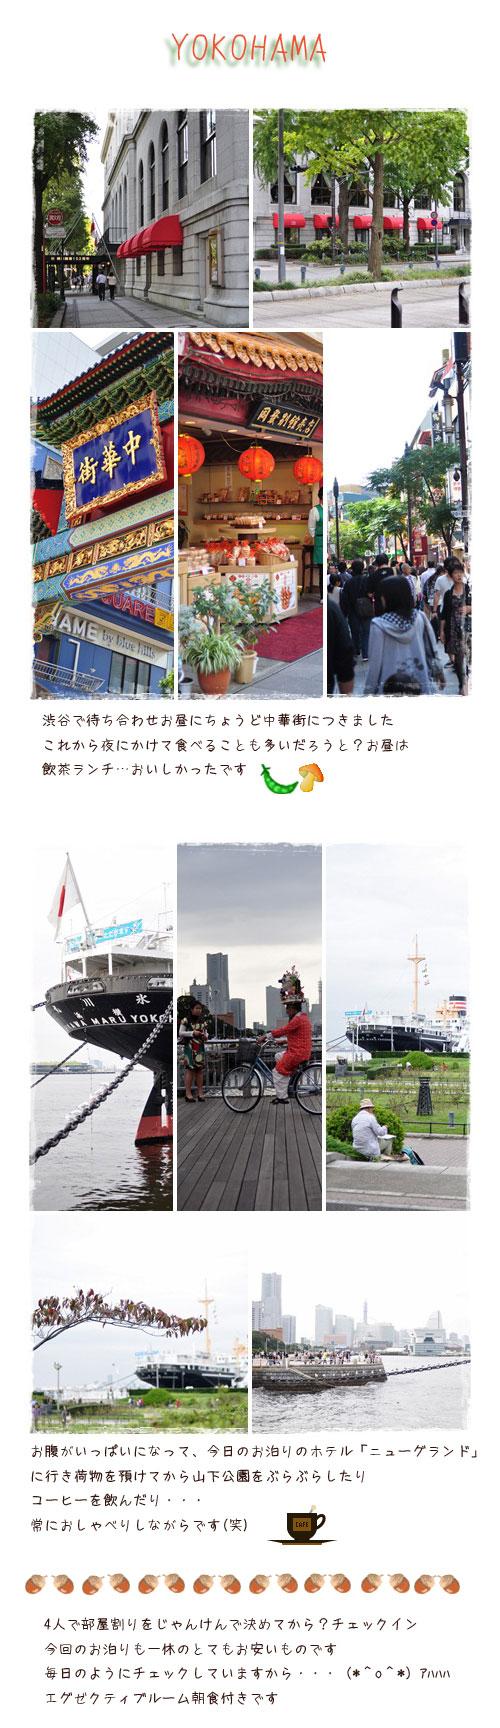 10月4日横浜1